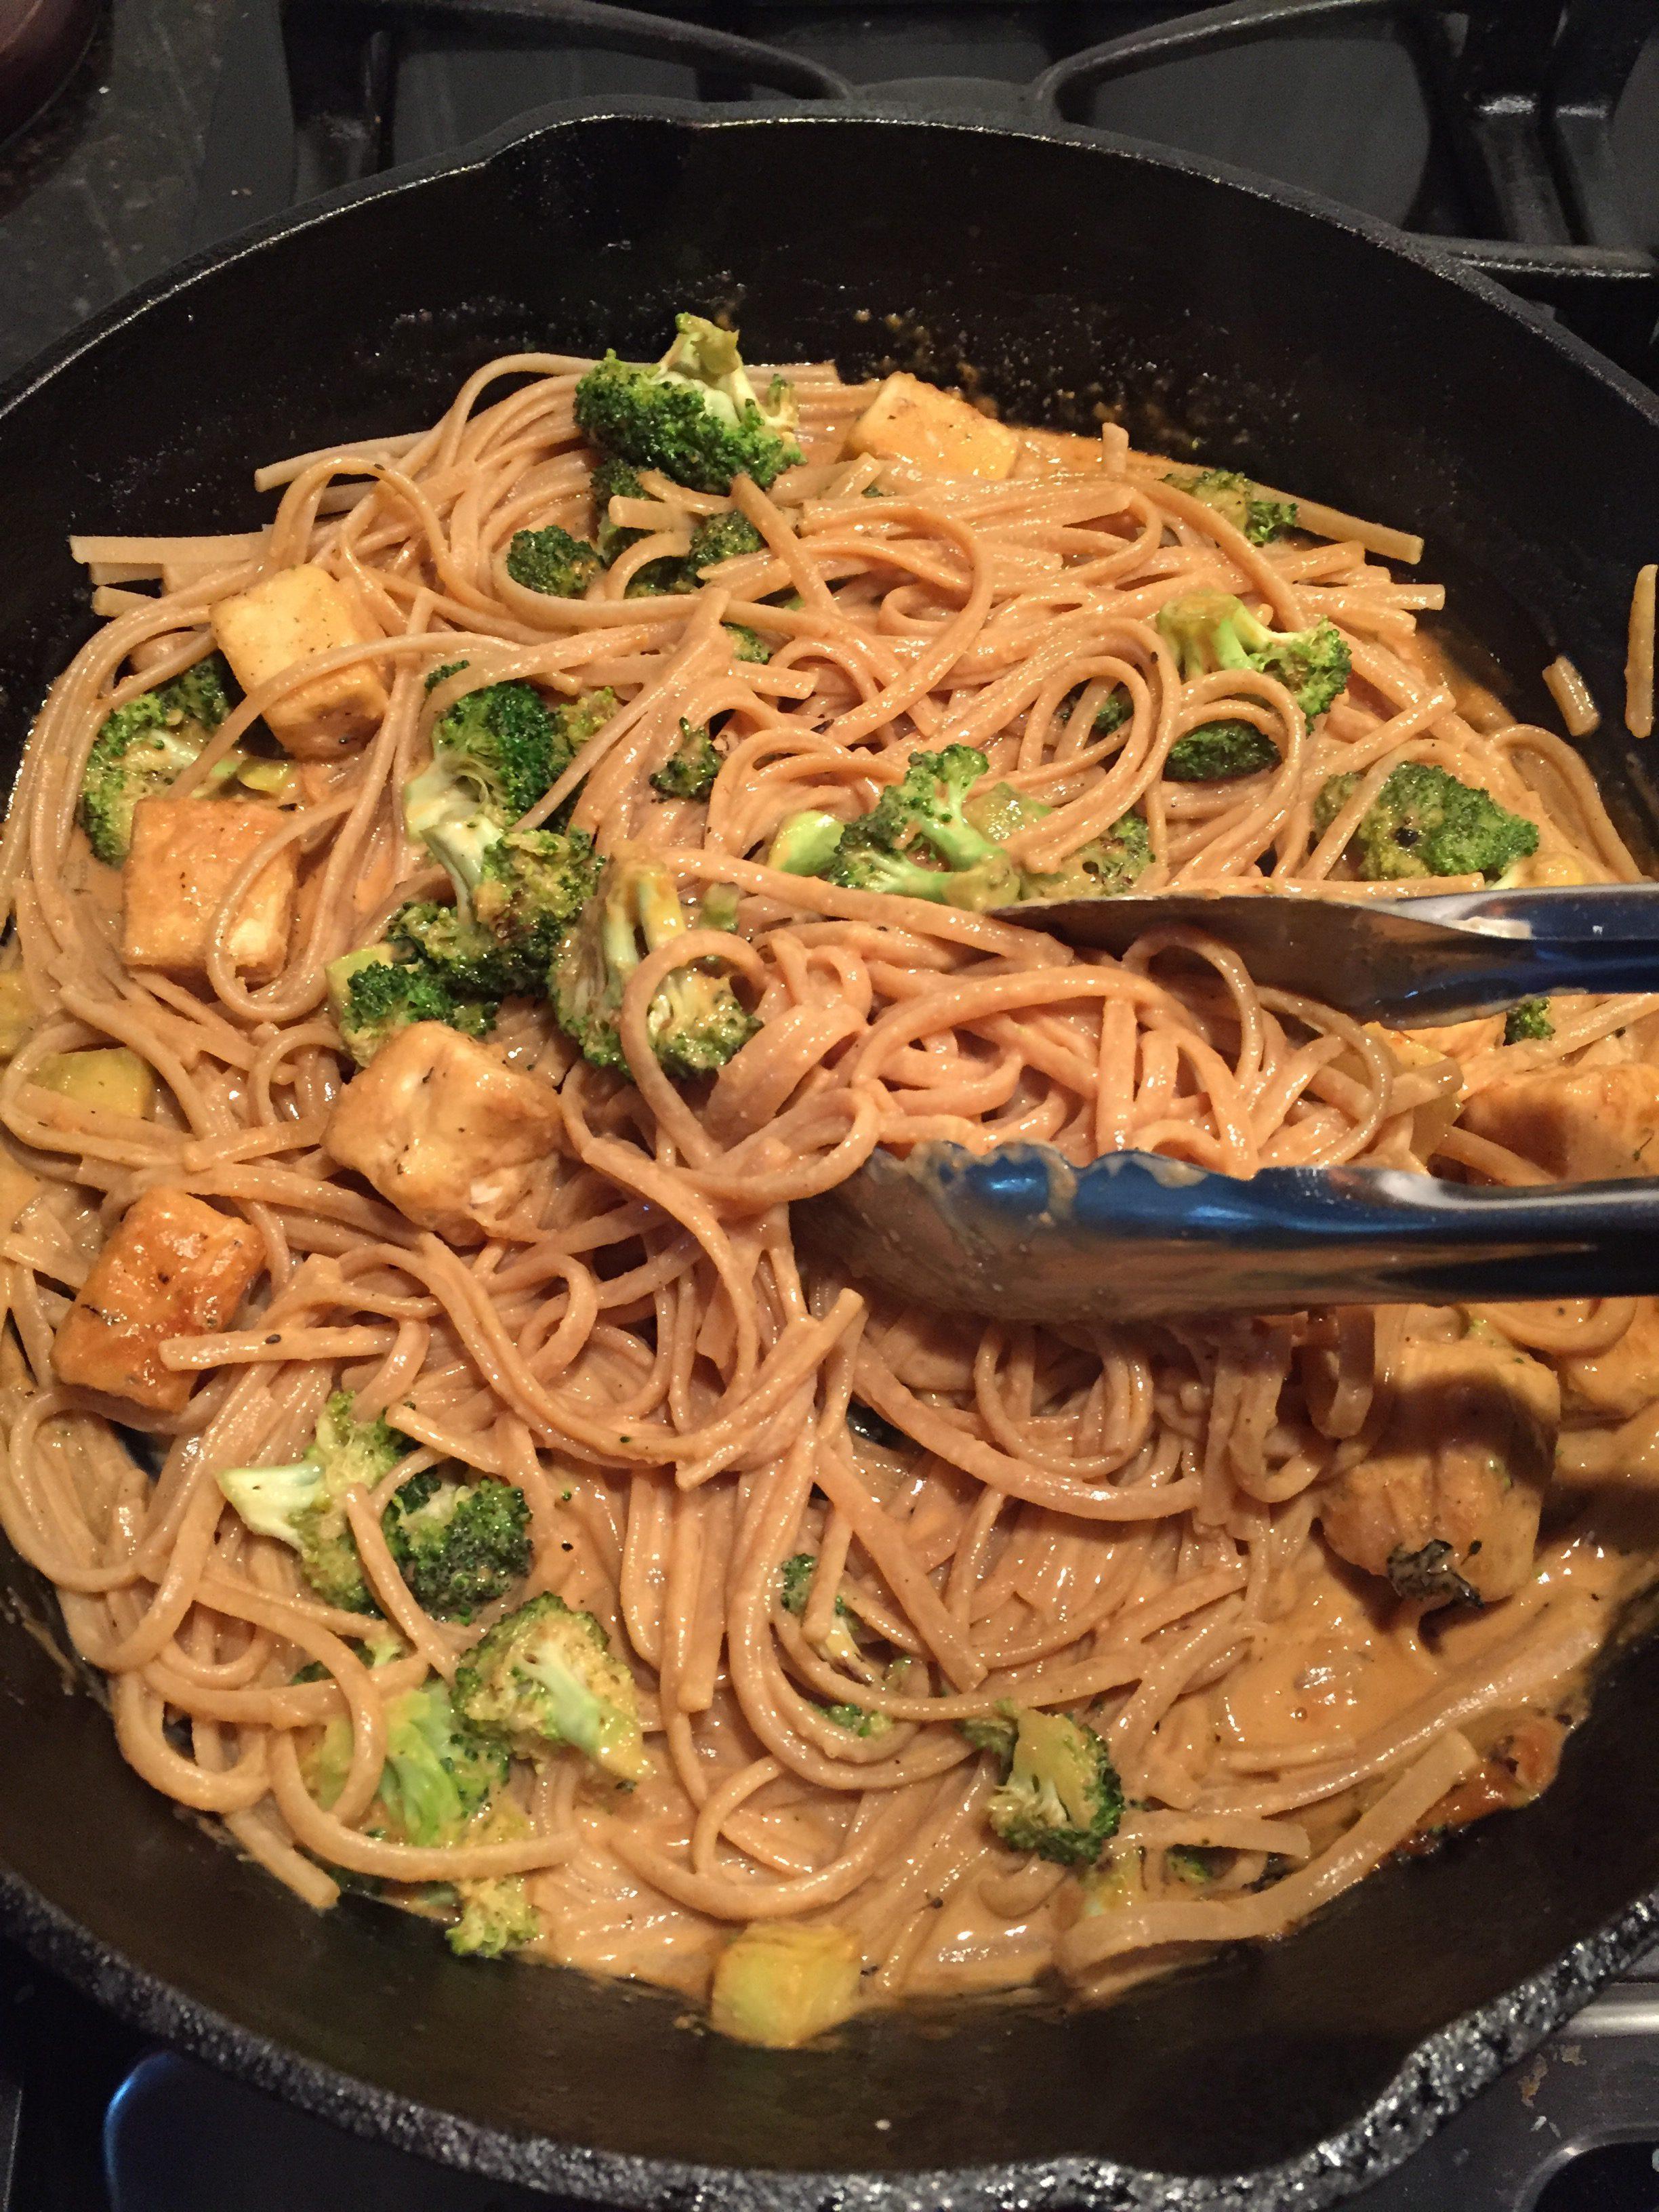 Vegan Szechuan cashew Noodles believeinvegan.com